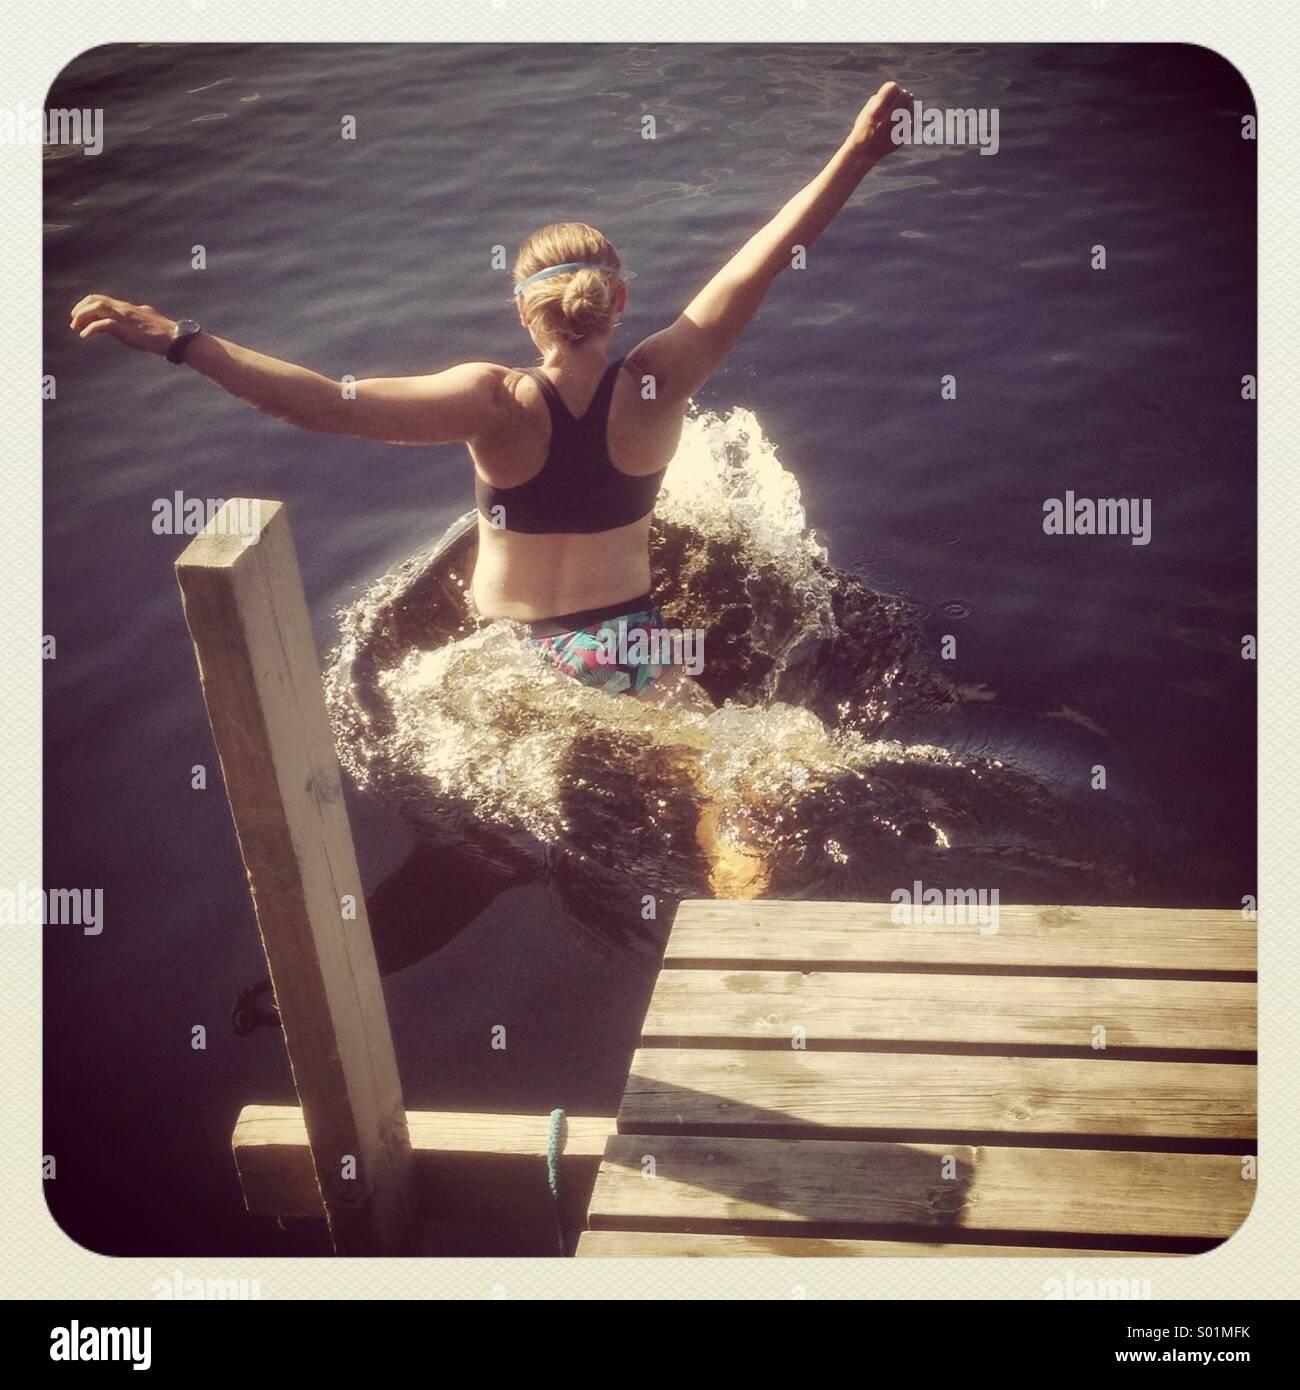 Uma mulher pulando de um cais em um lago Imagens de Stock